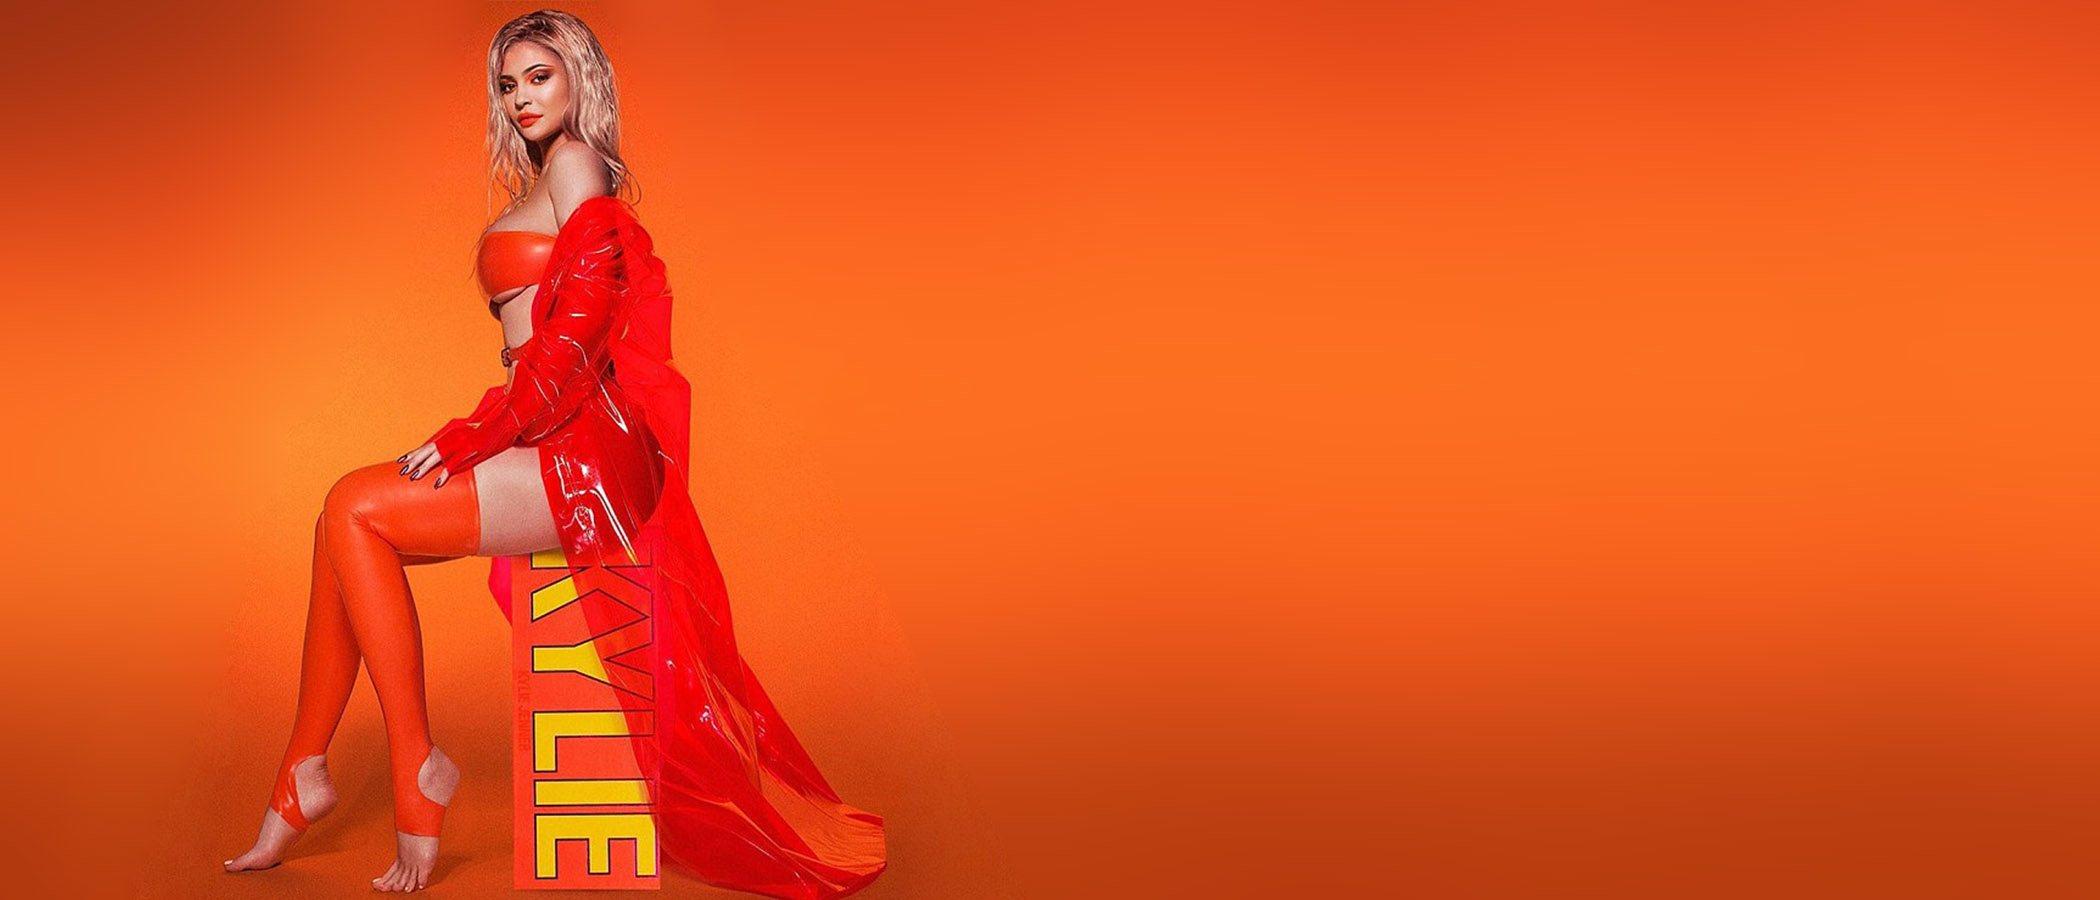 Kylie Jenner sorprende con una nueva colección de maquillaje, más hot y vibrante que ninguna otra